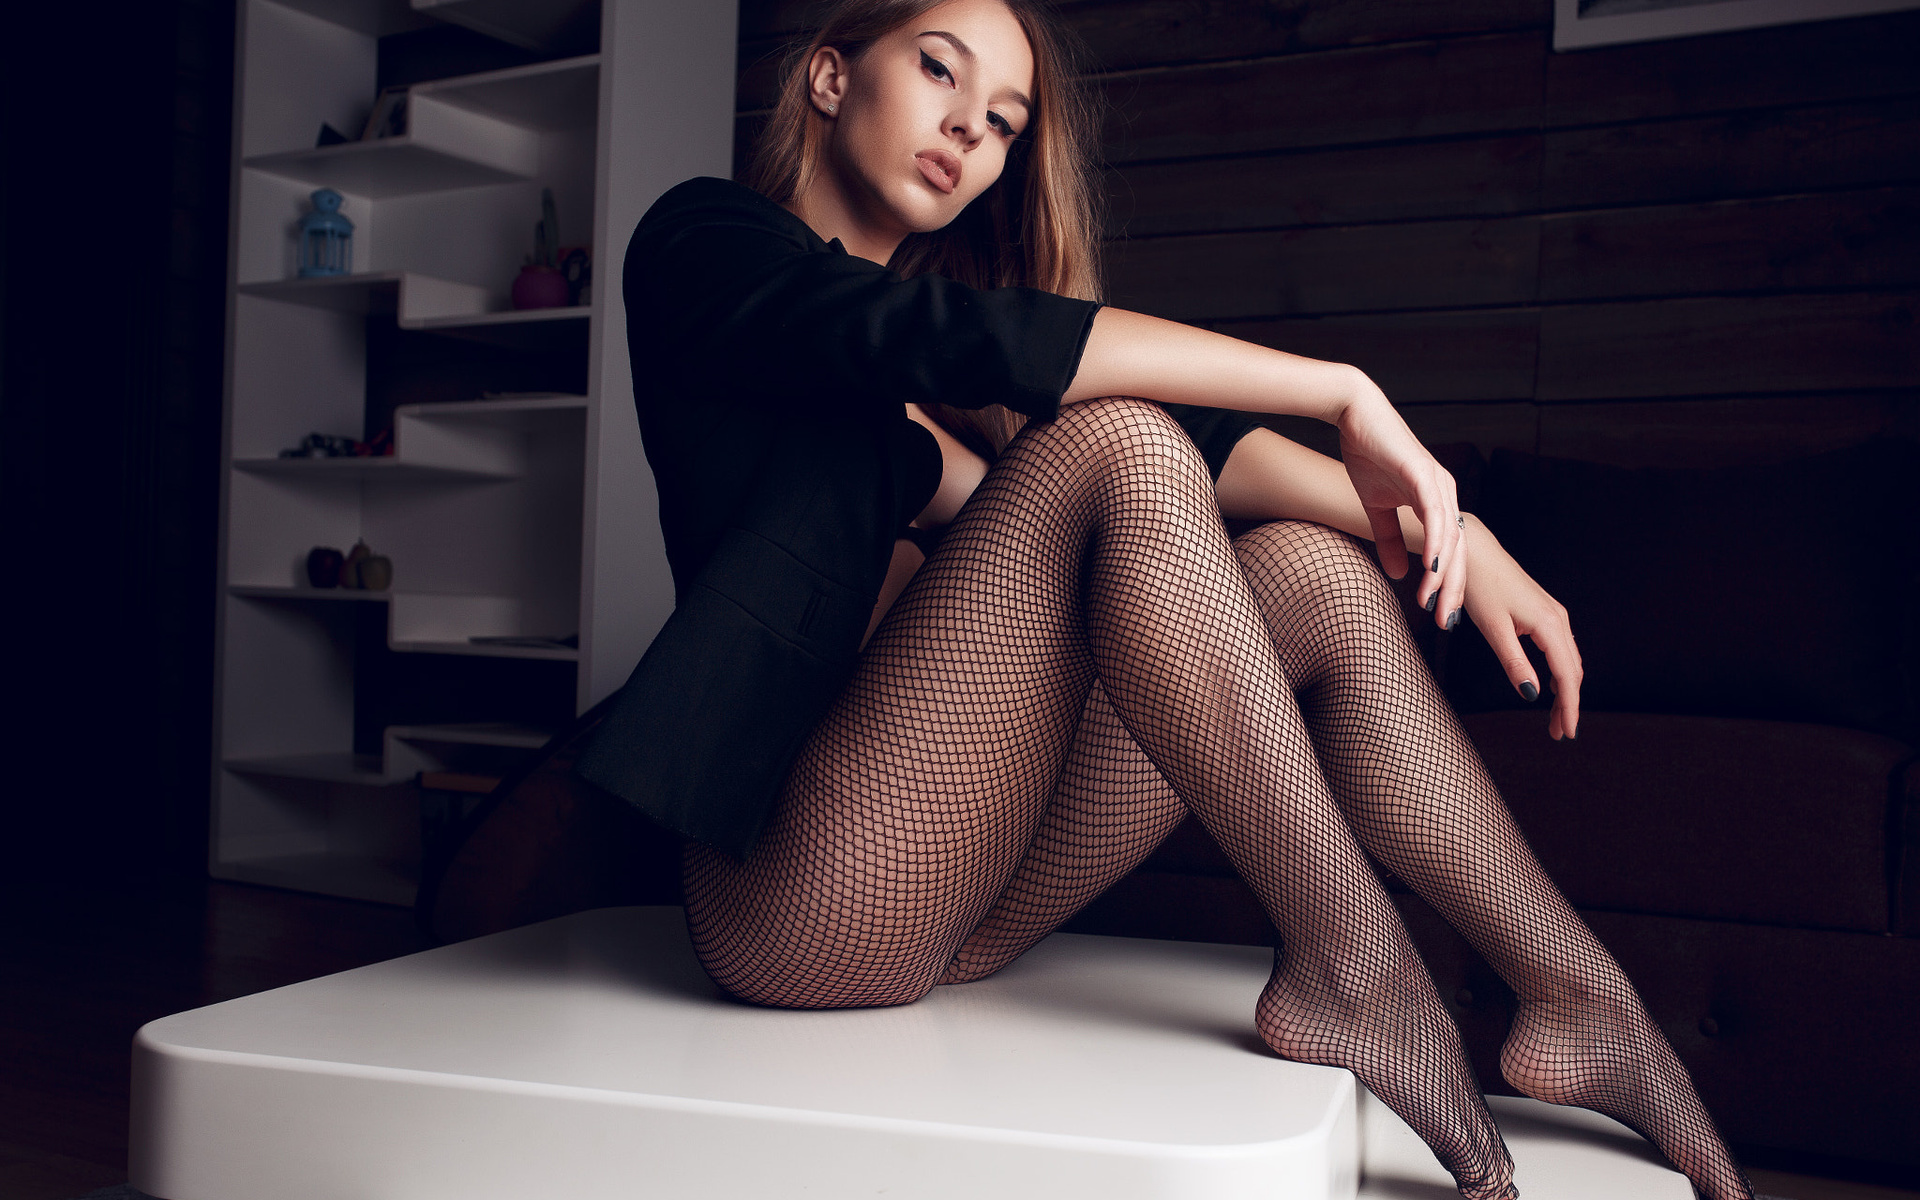 девушка красивая в колготках любое русское слово